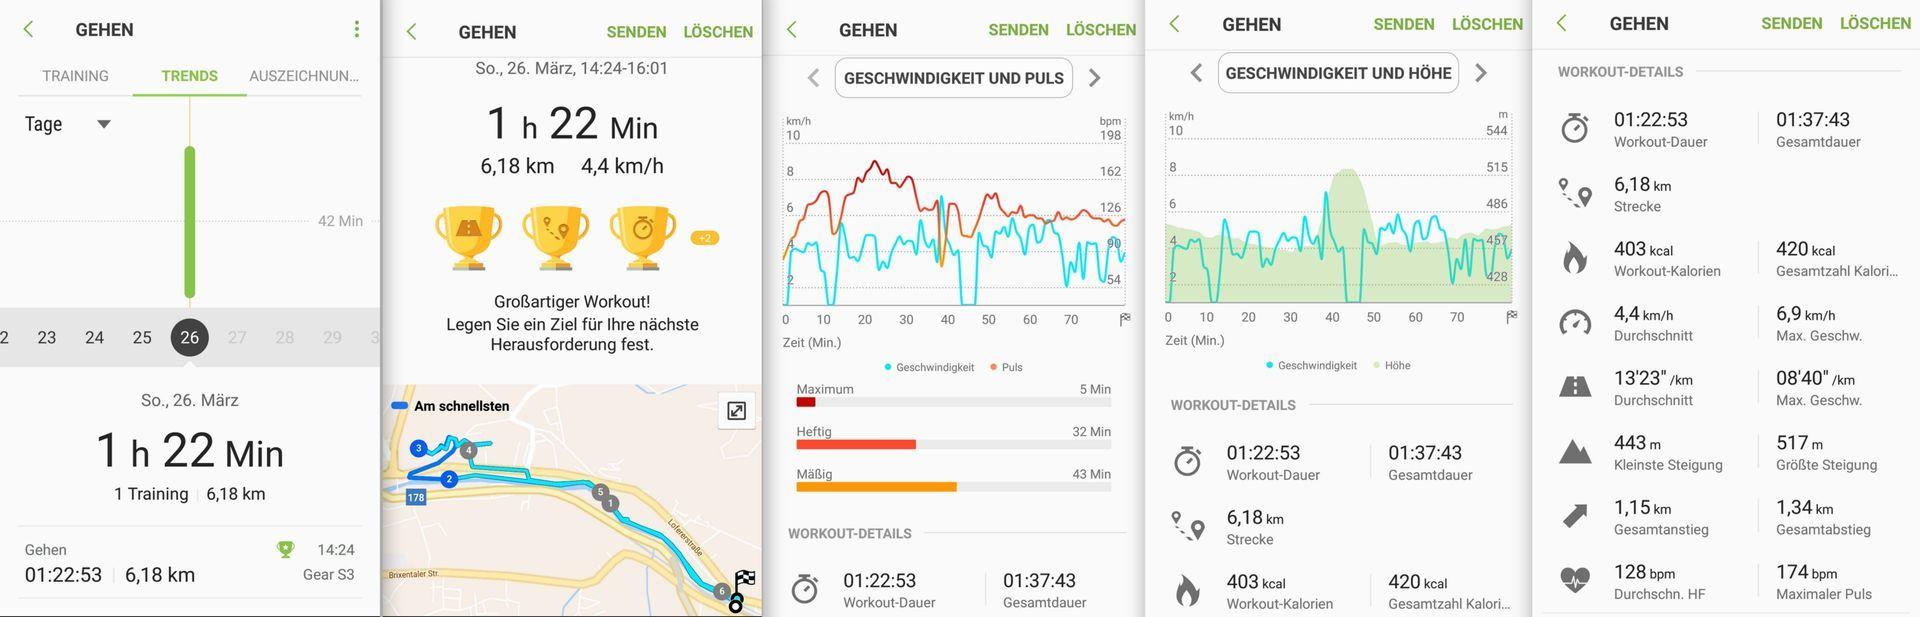 Aufzeichnung Gehen - Samsung Gear S3 - SmartTechNews